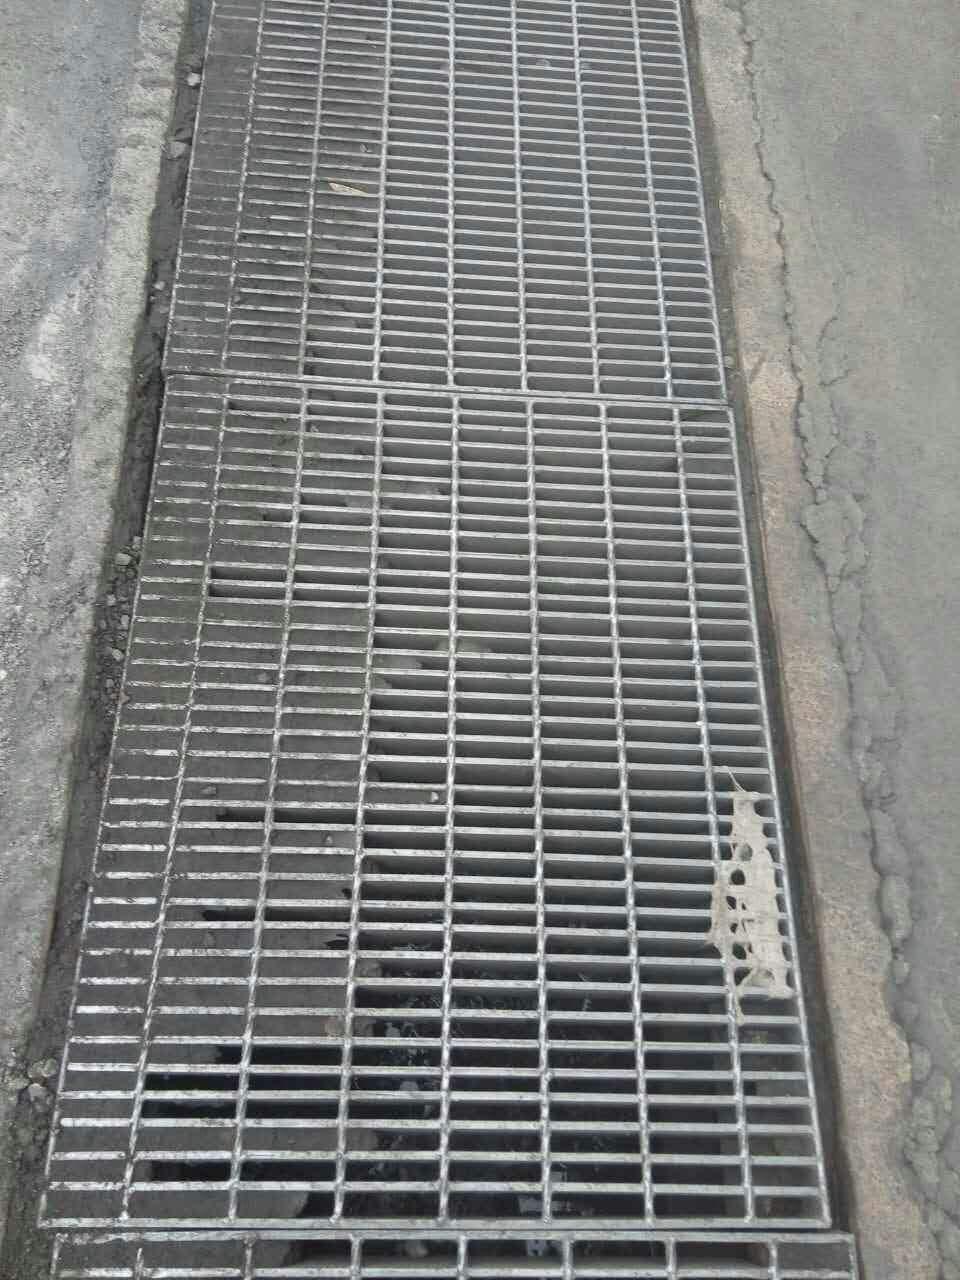 """黃島哪有賣排水溝篦子?黃島哪有賣排水溝篦子網格"""">決定因素鍍鋅鋼網格板價格:高厚度、板、網、表面處理是冷鍍鋅還是熱浸鍍鋅的幾個決定因素。鍍鋅鋼格板的特點:高強度、輕質結構。極"""